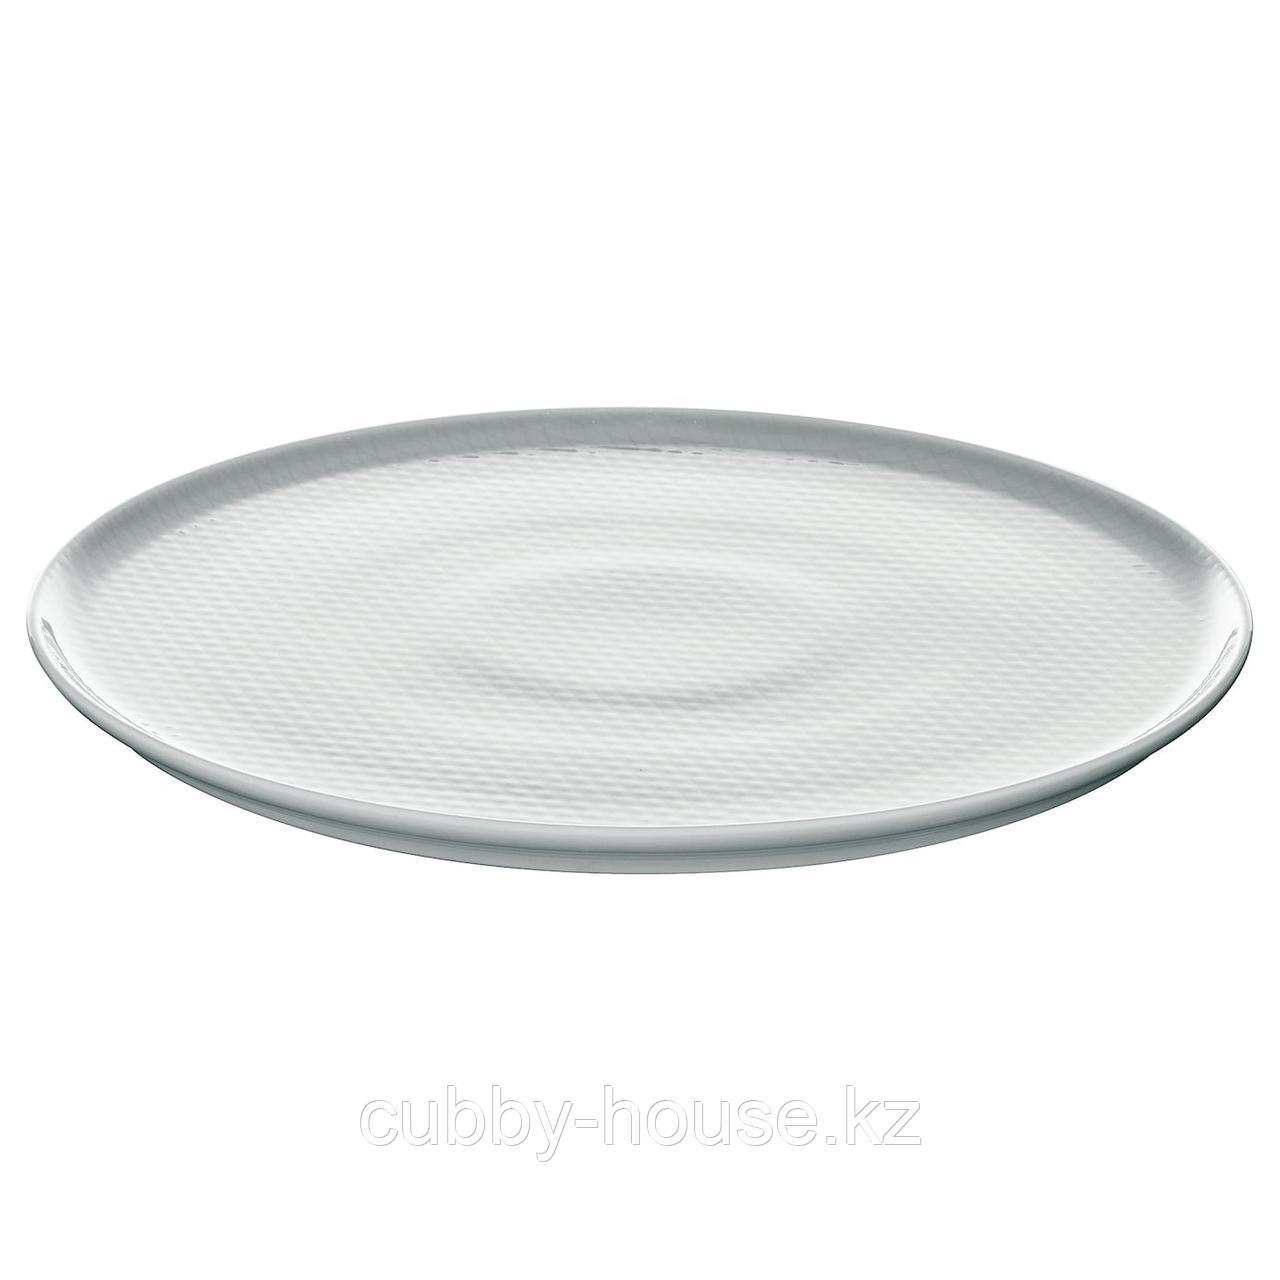 КРУСТАД Тарелка, светло-серый, 25 см